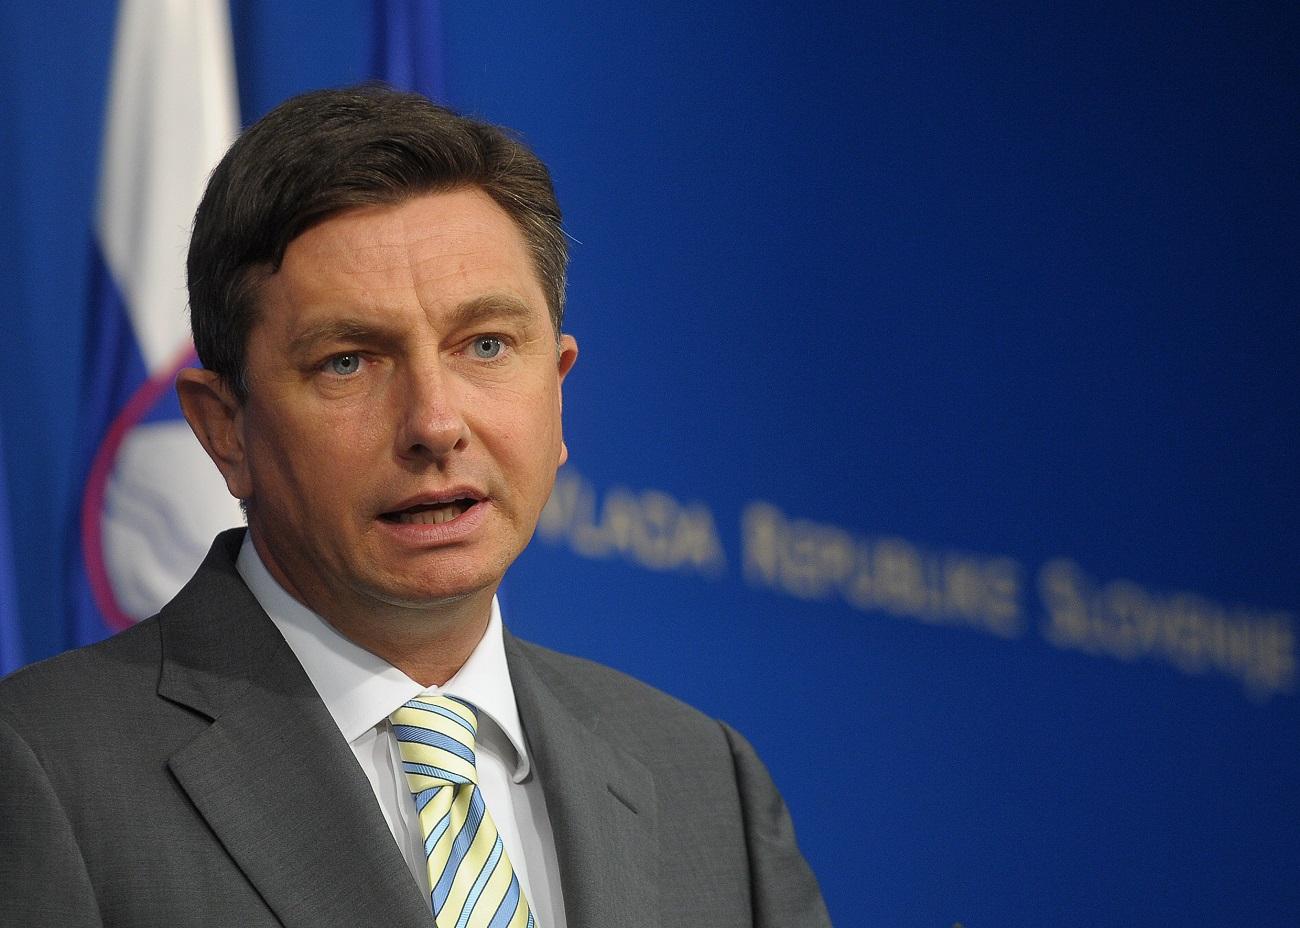 Presidenti slloven nesër vizitë në Kosovë, takohet vetëm me Vjosa Osmanin